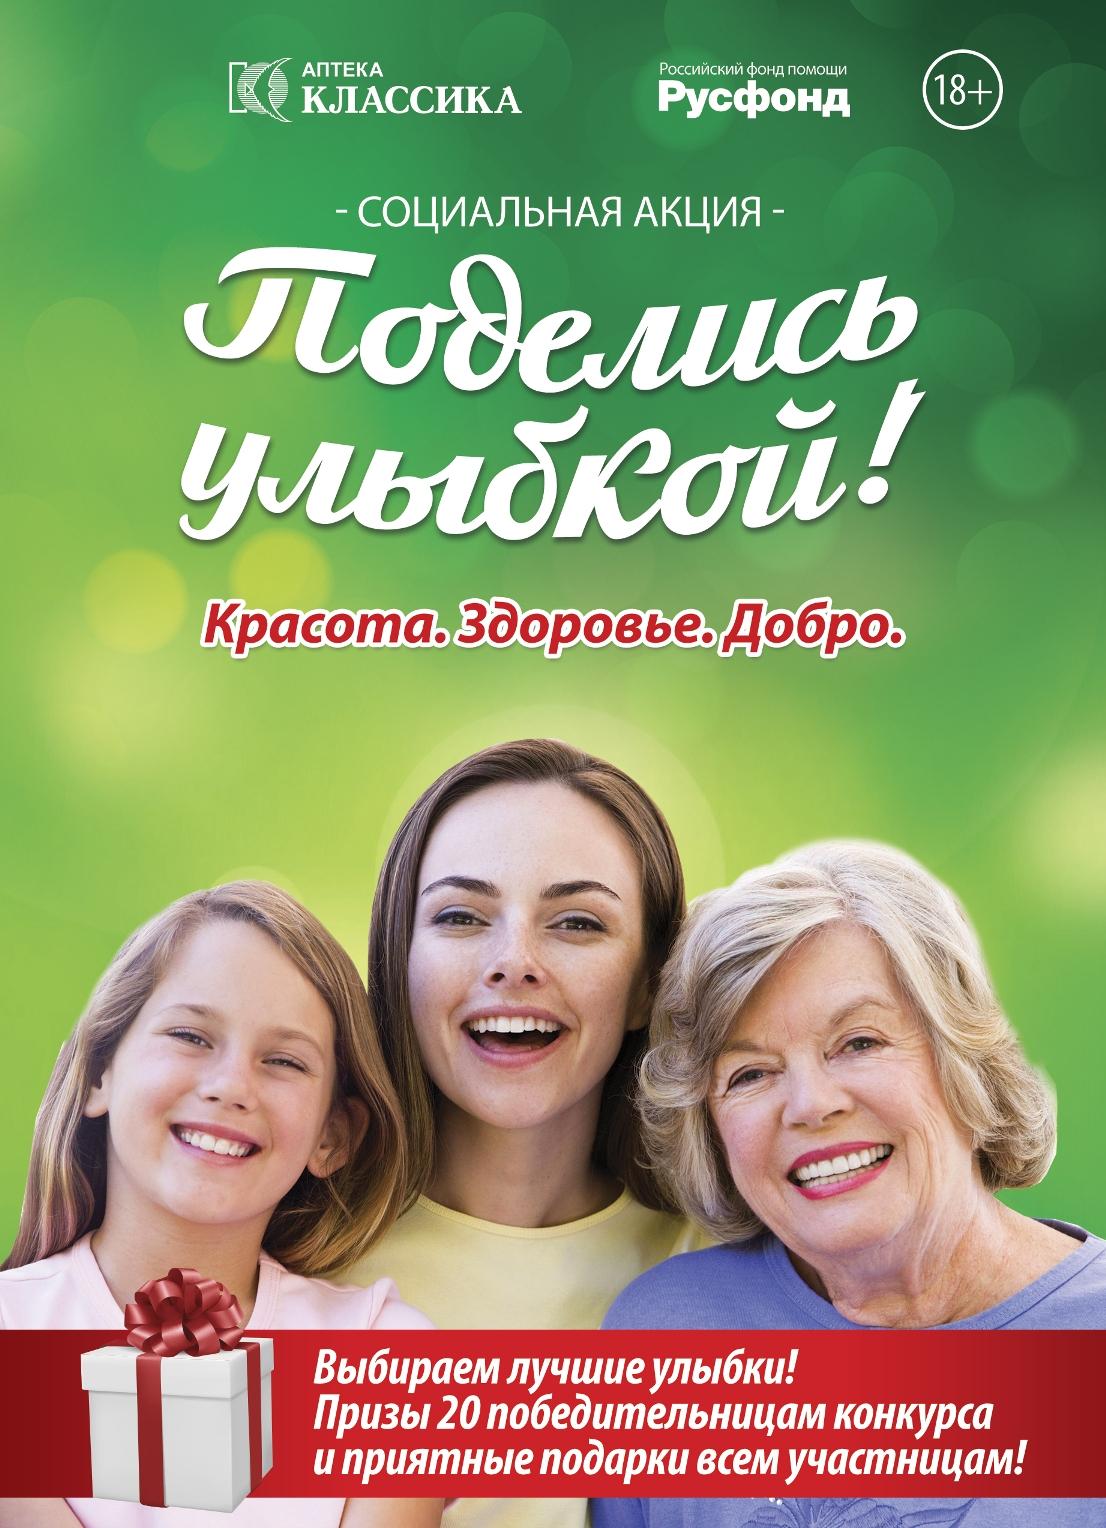 Одна из крупнейших аптечных сетей на Урале запустила новый социальный проект. Уникальная акция-к